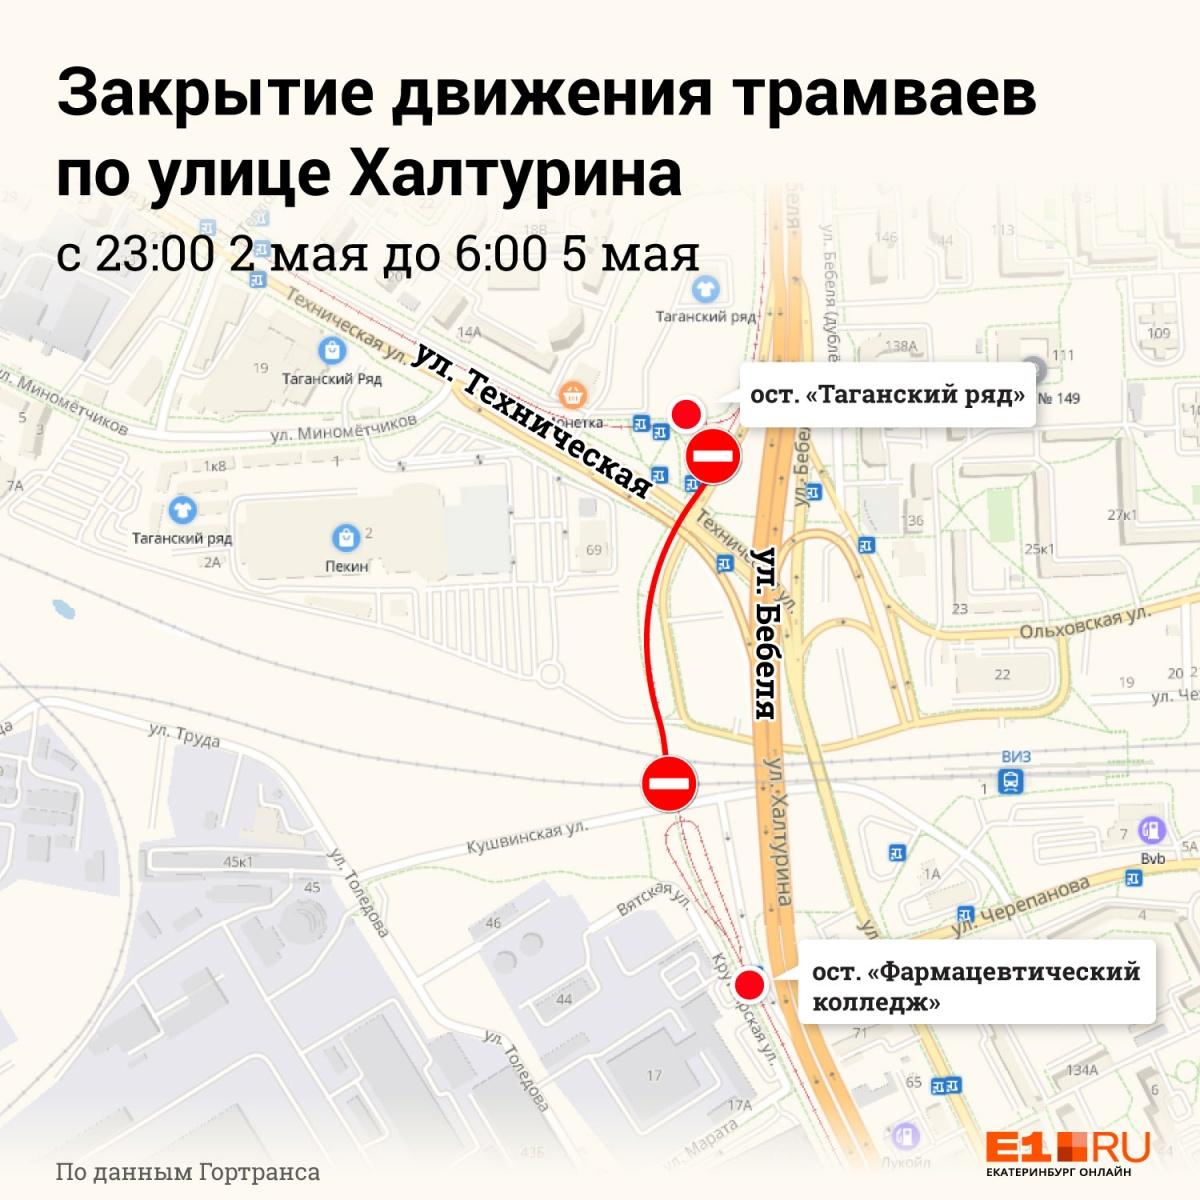 Из-за ремонта путей возле «Таганского ряда» трамваи перестанут ездить на Сортировку из центра